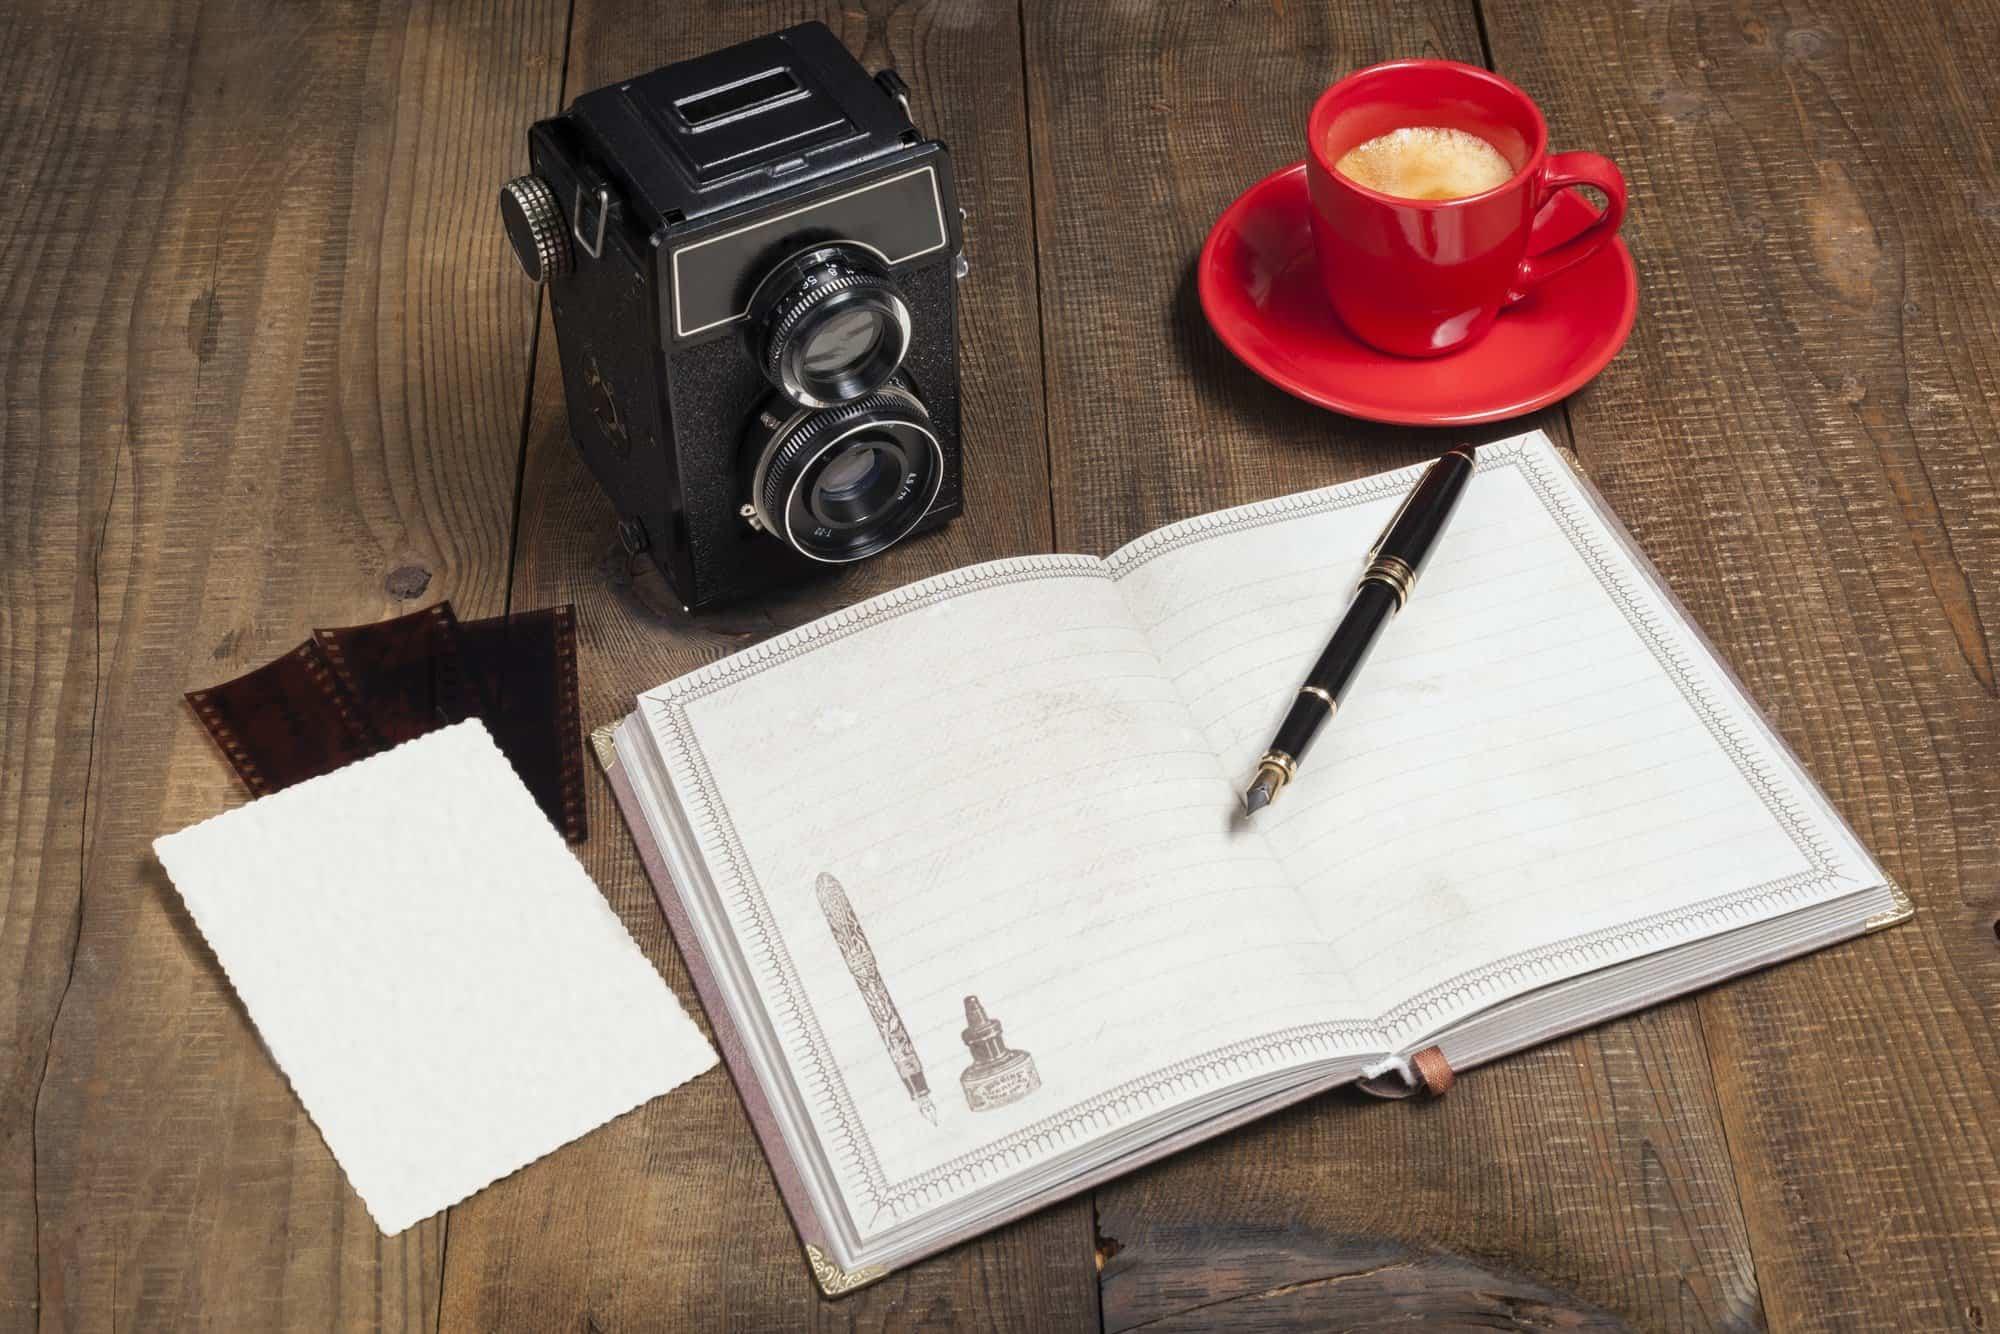 內容行銷包括影片, 相片及文字